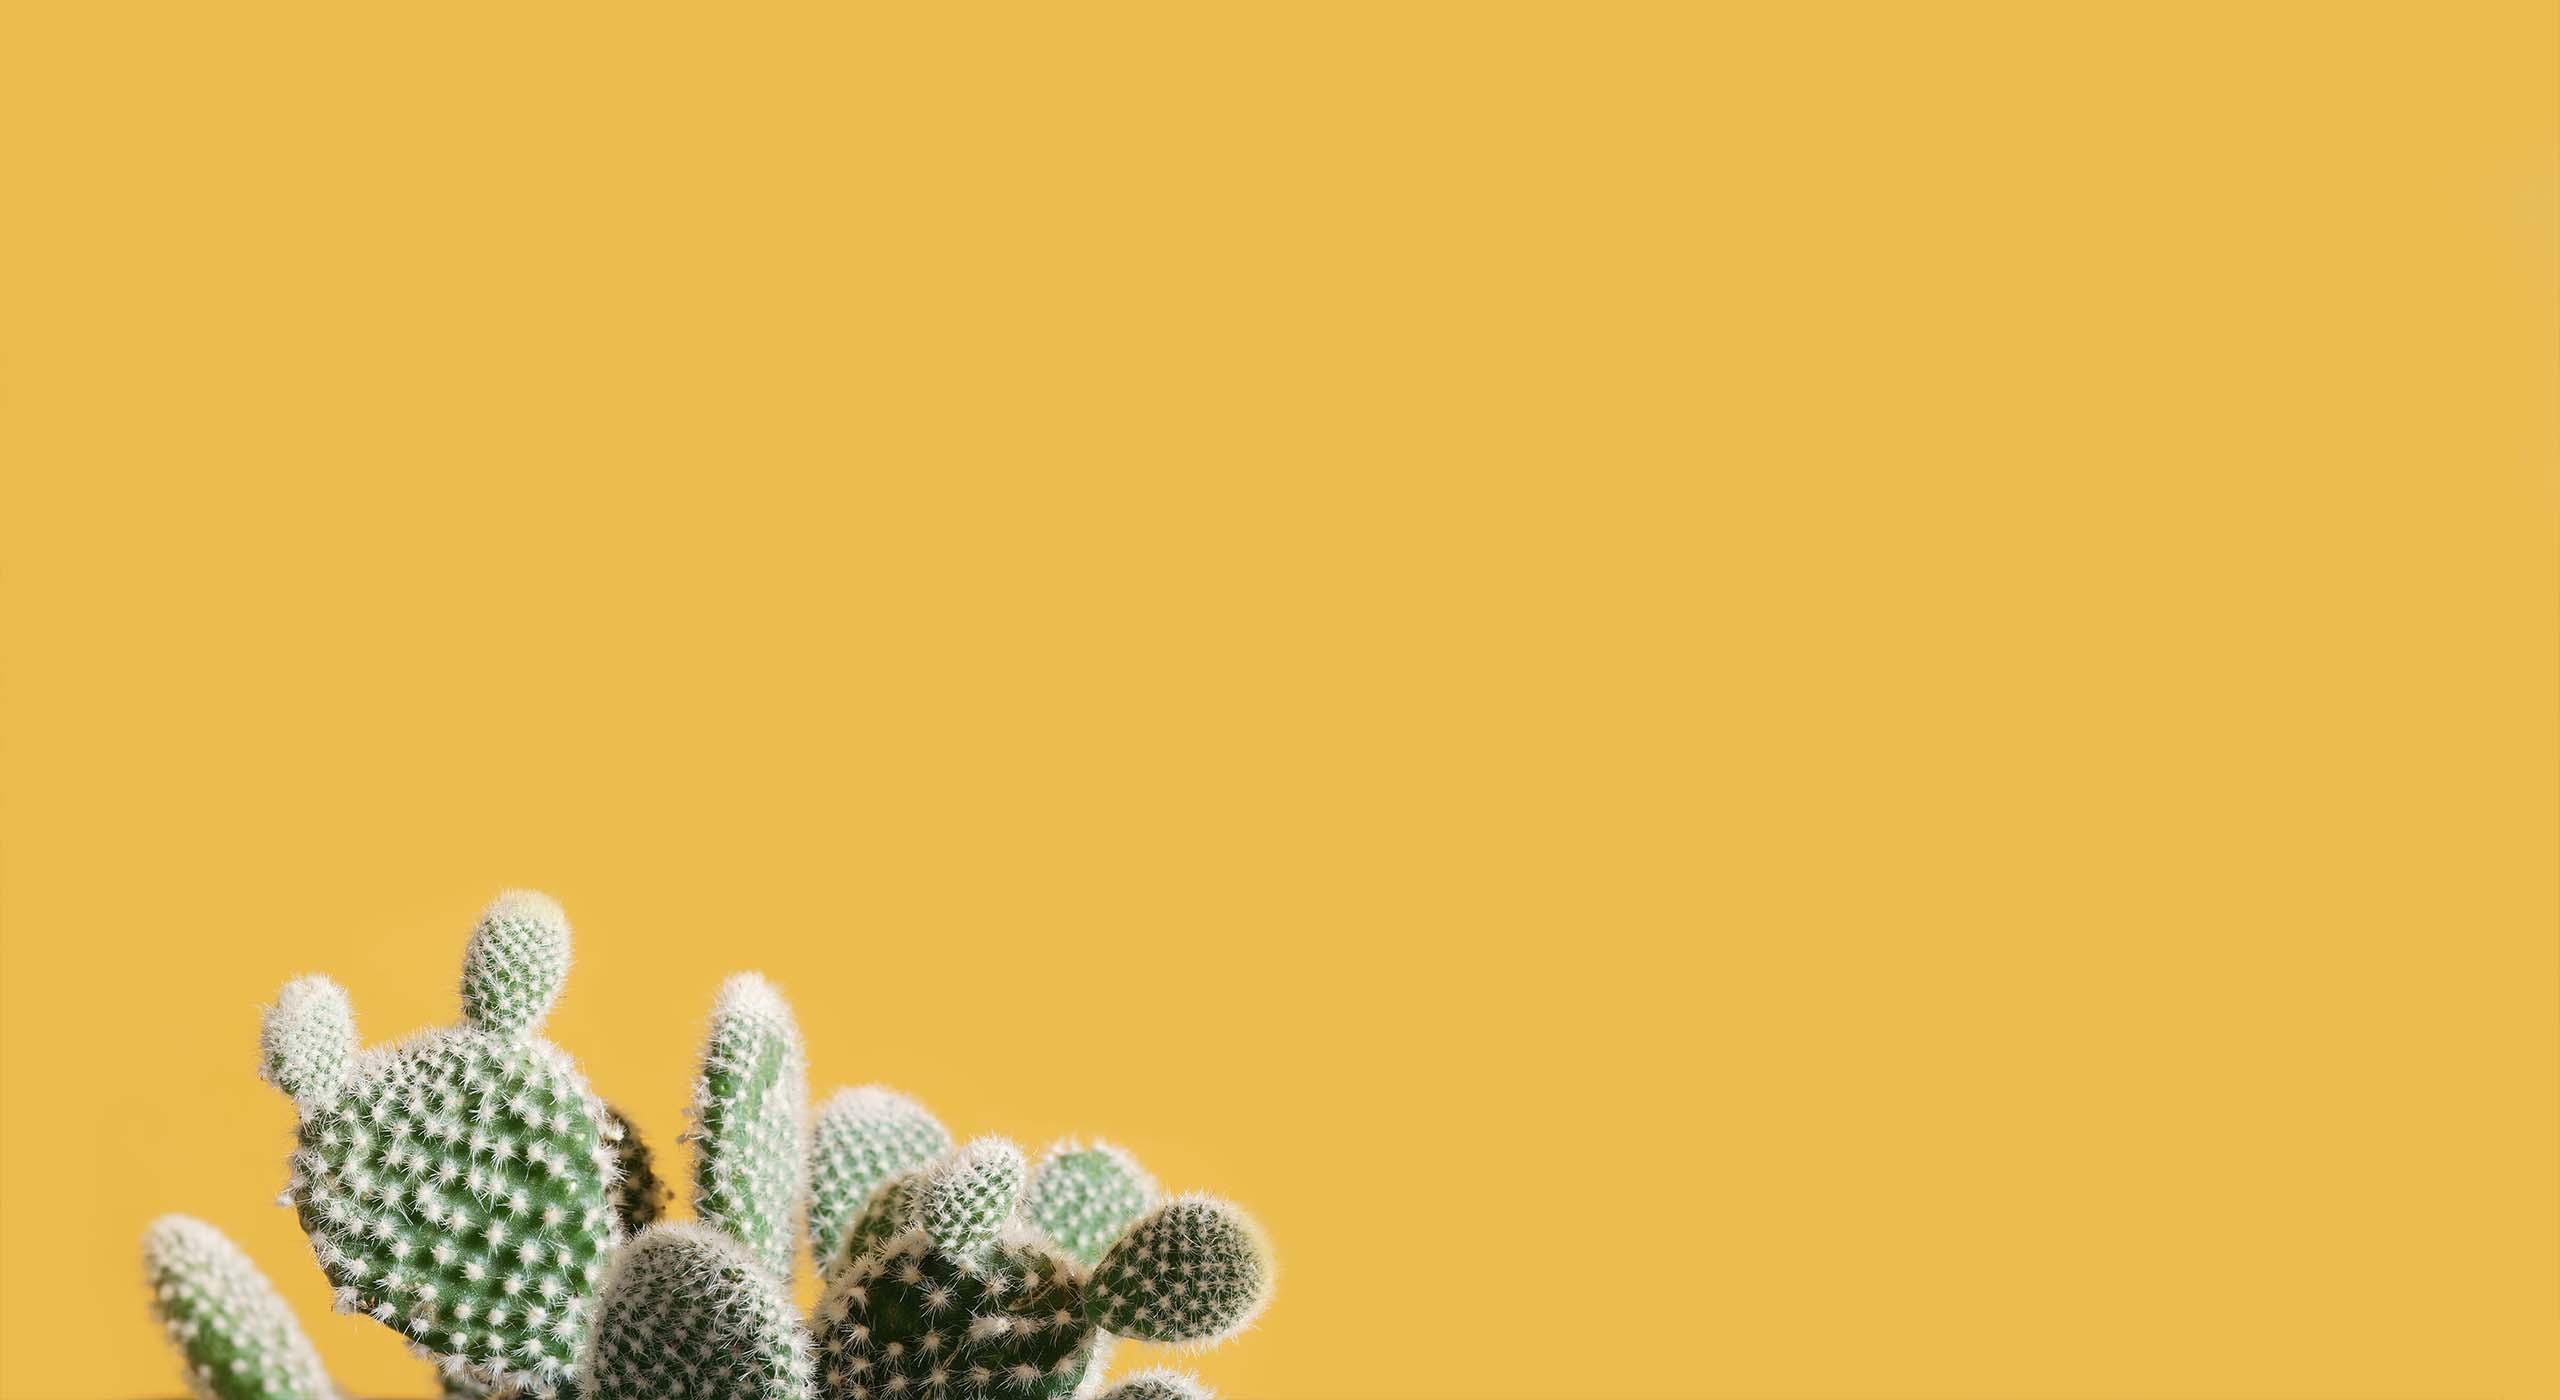 En kaktus som är fotograferad mot en gul bakgrund